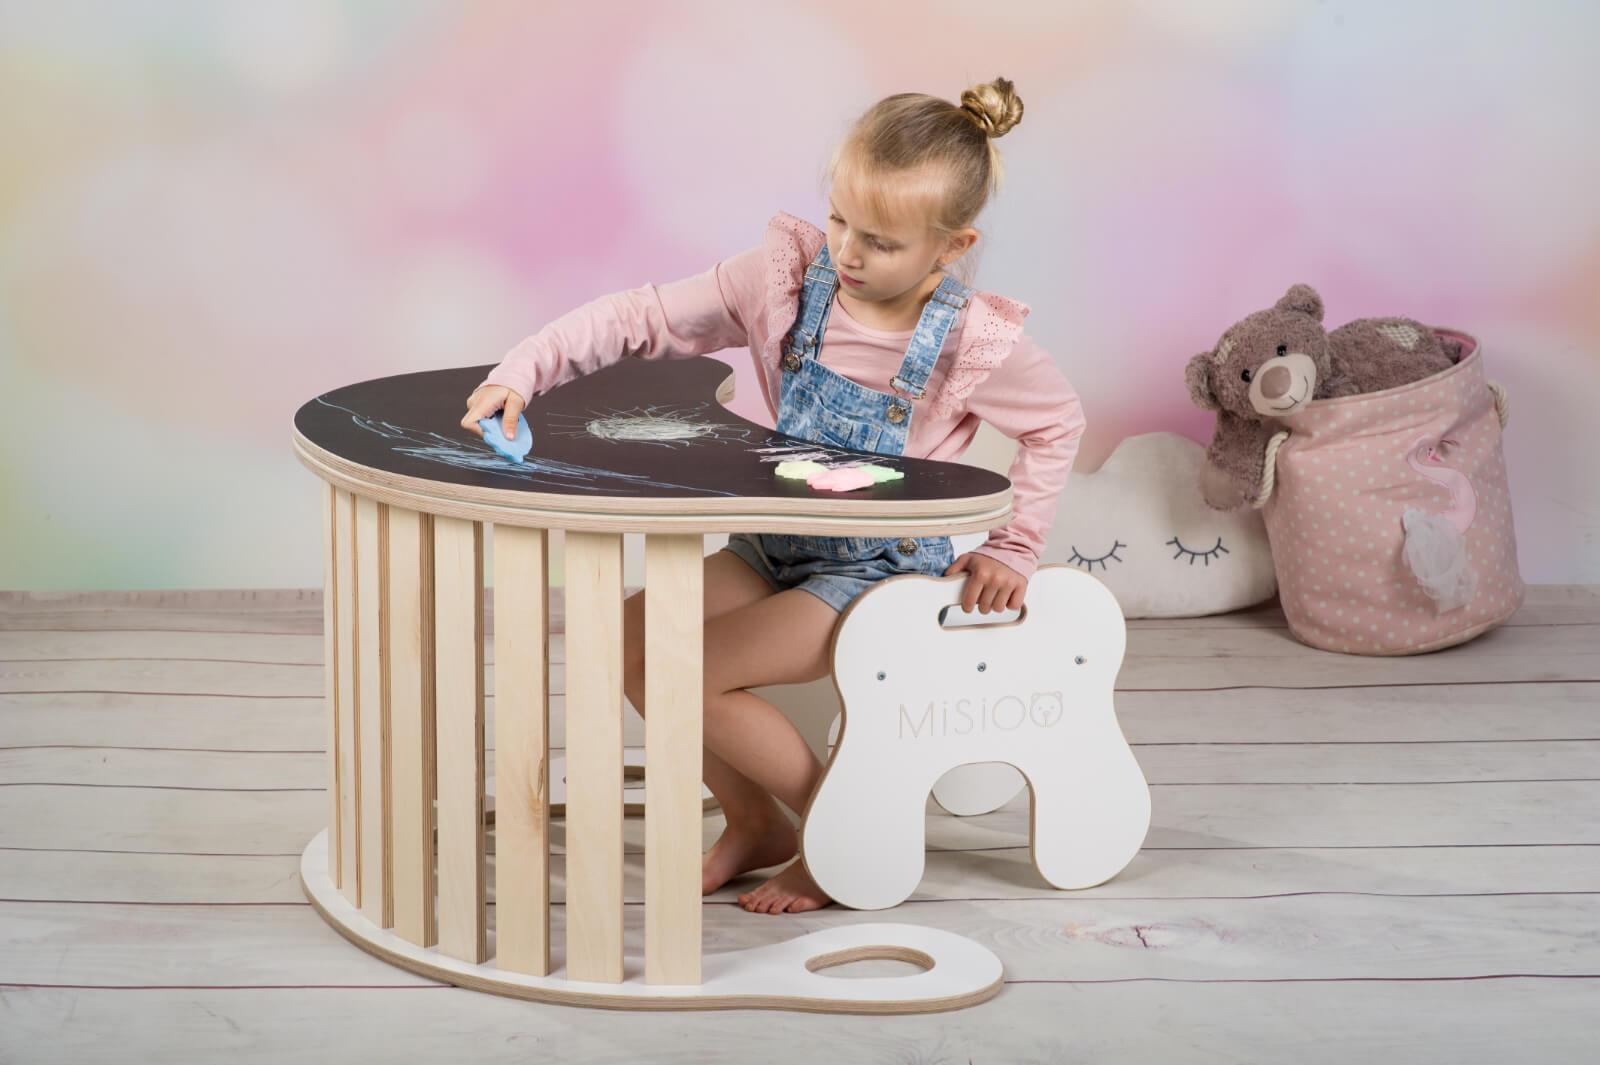 Bujak drewniany dla dzieci – jak go wykorzystać w zabawie?